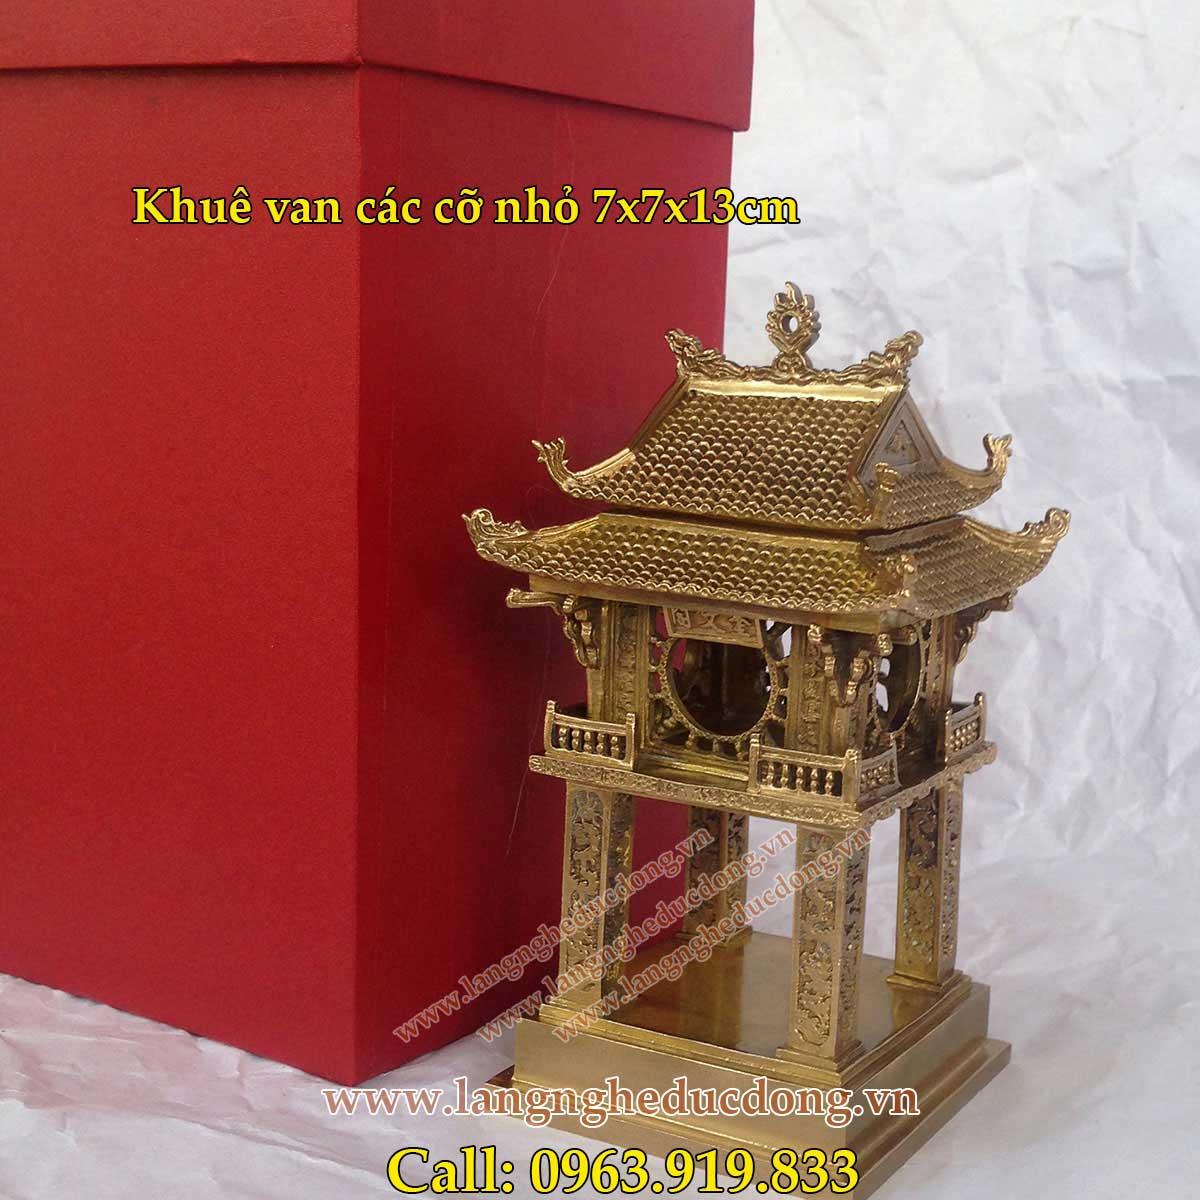 langngheducdong.vn - mô hình khuê văn các bằng đồng, quà tặng khuê văn các KT 7x7x13cm